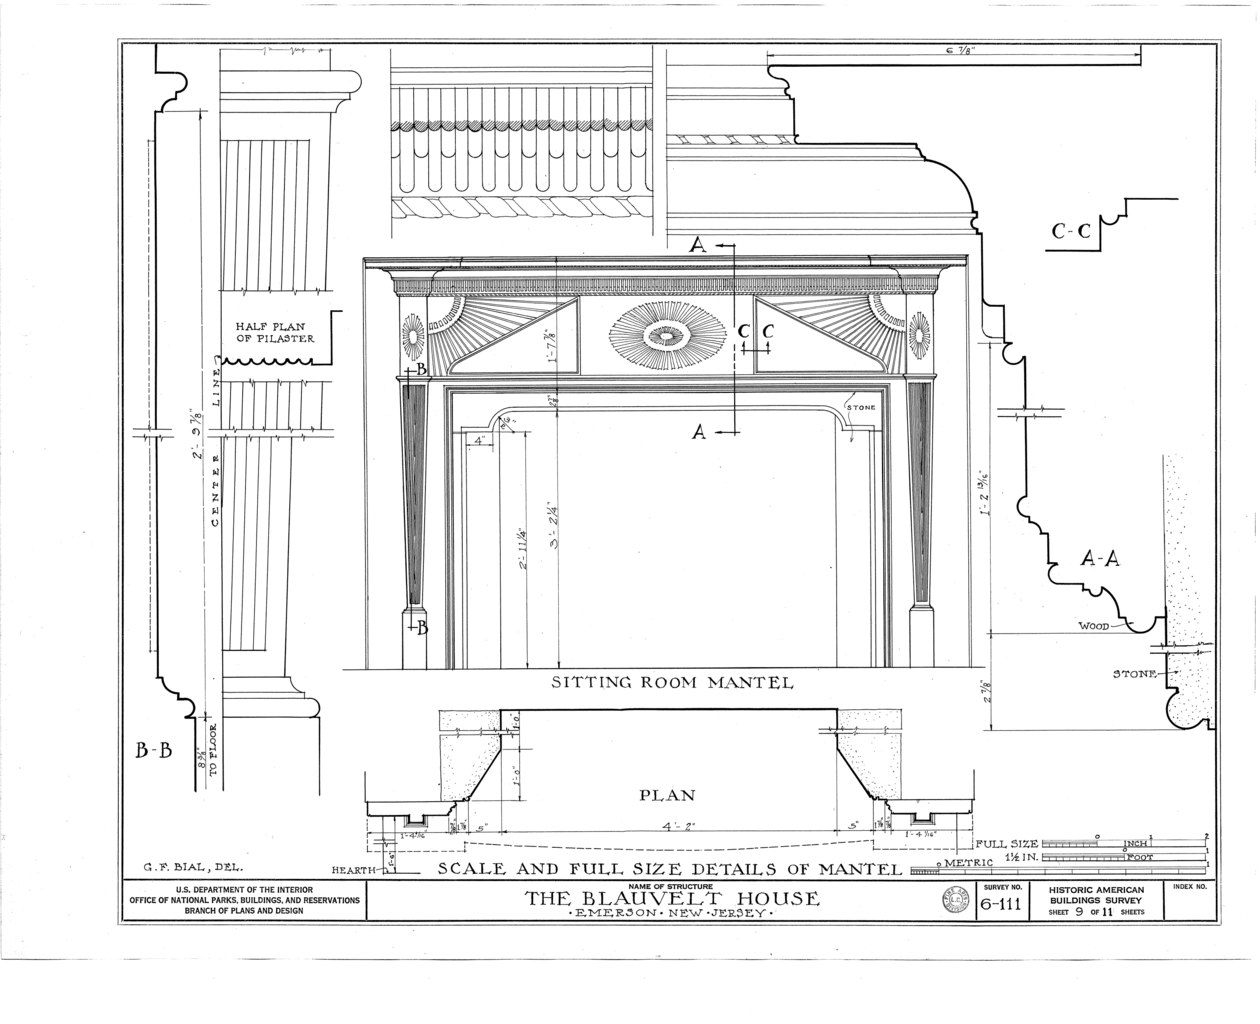 File Blauvelt House Old Hook Road Emerson Bergen County Nj Habs Nj 2 Emso 1 Sheet 9 Of 11